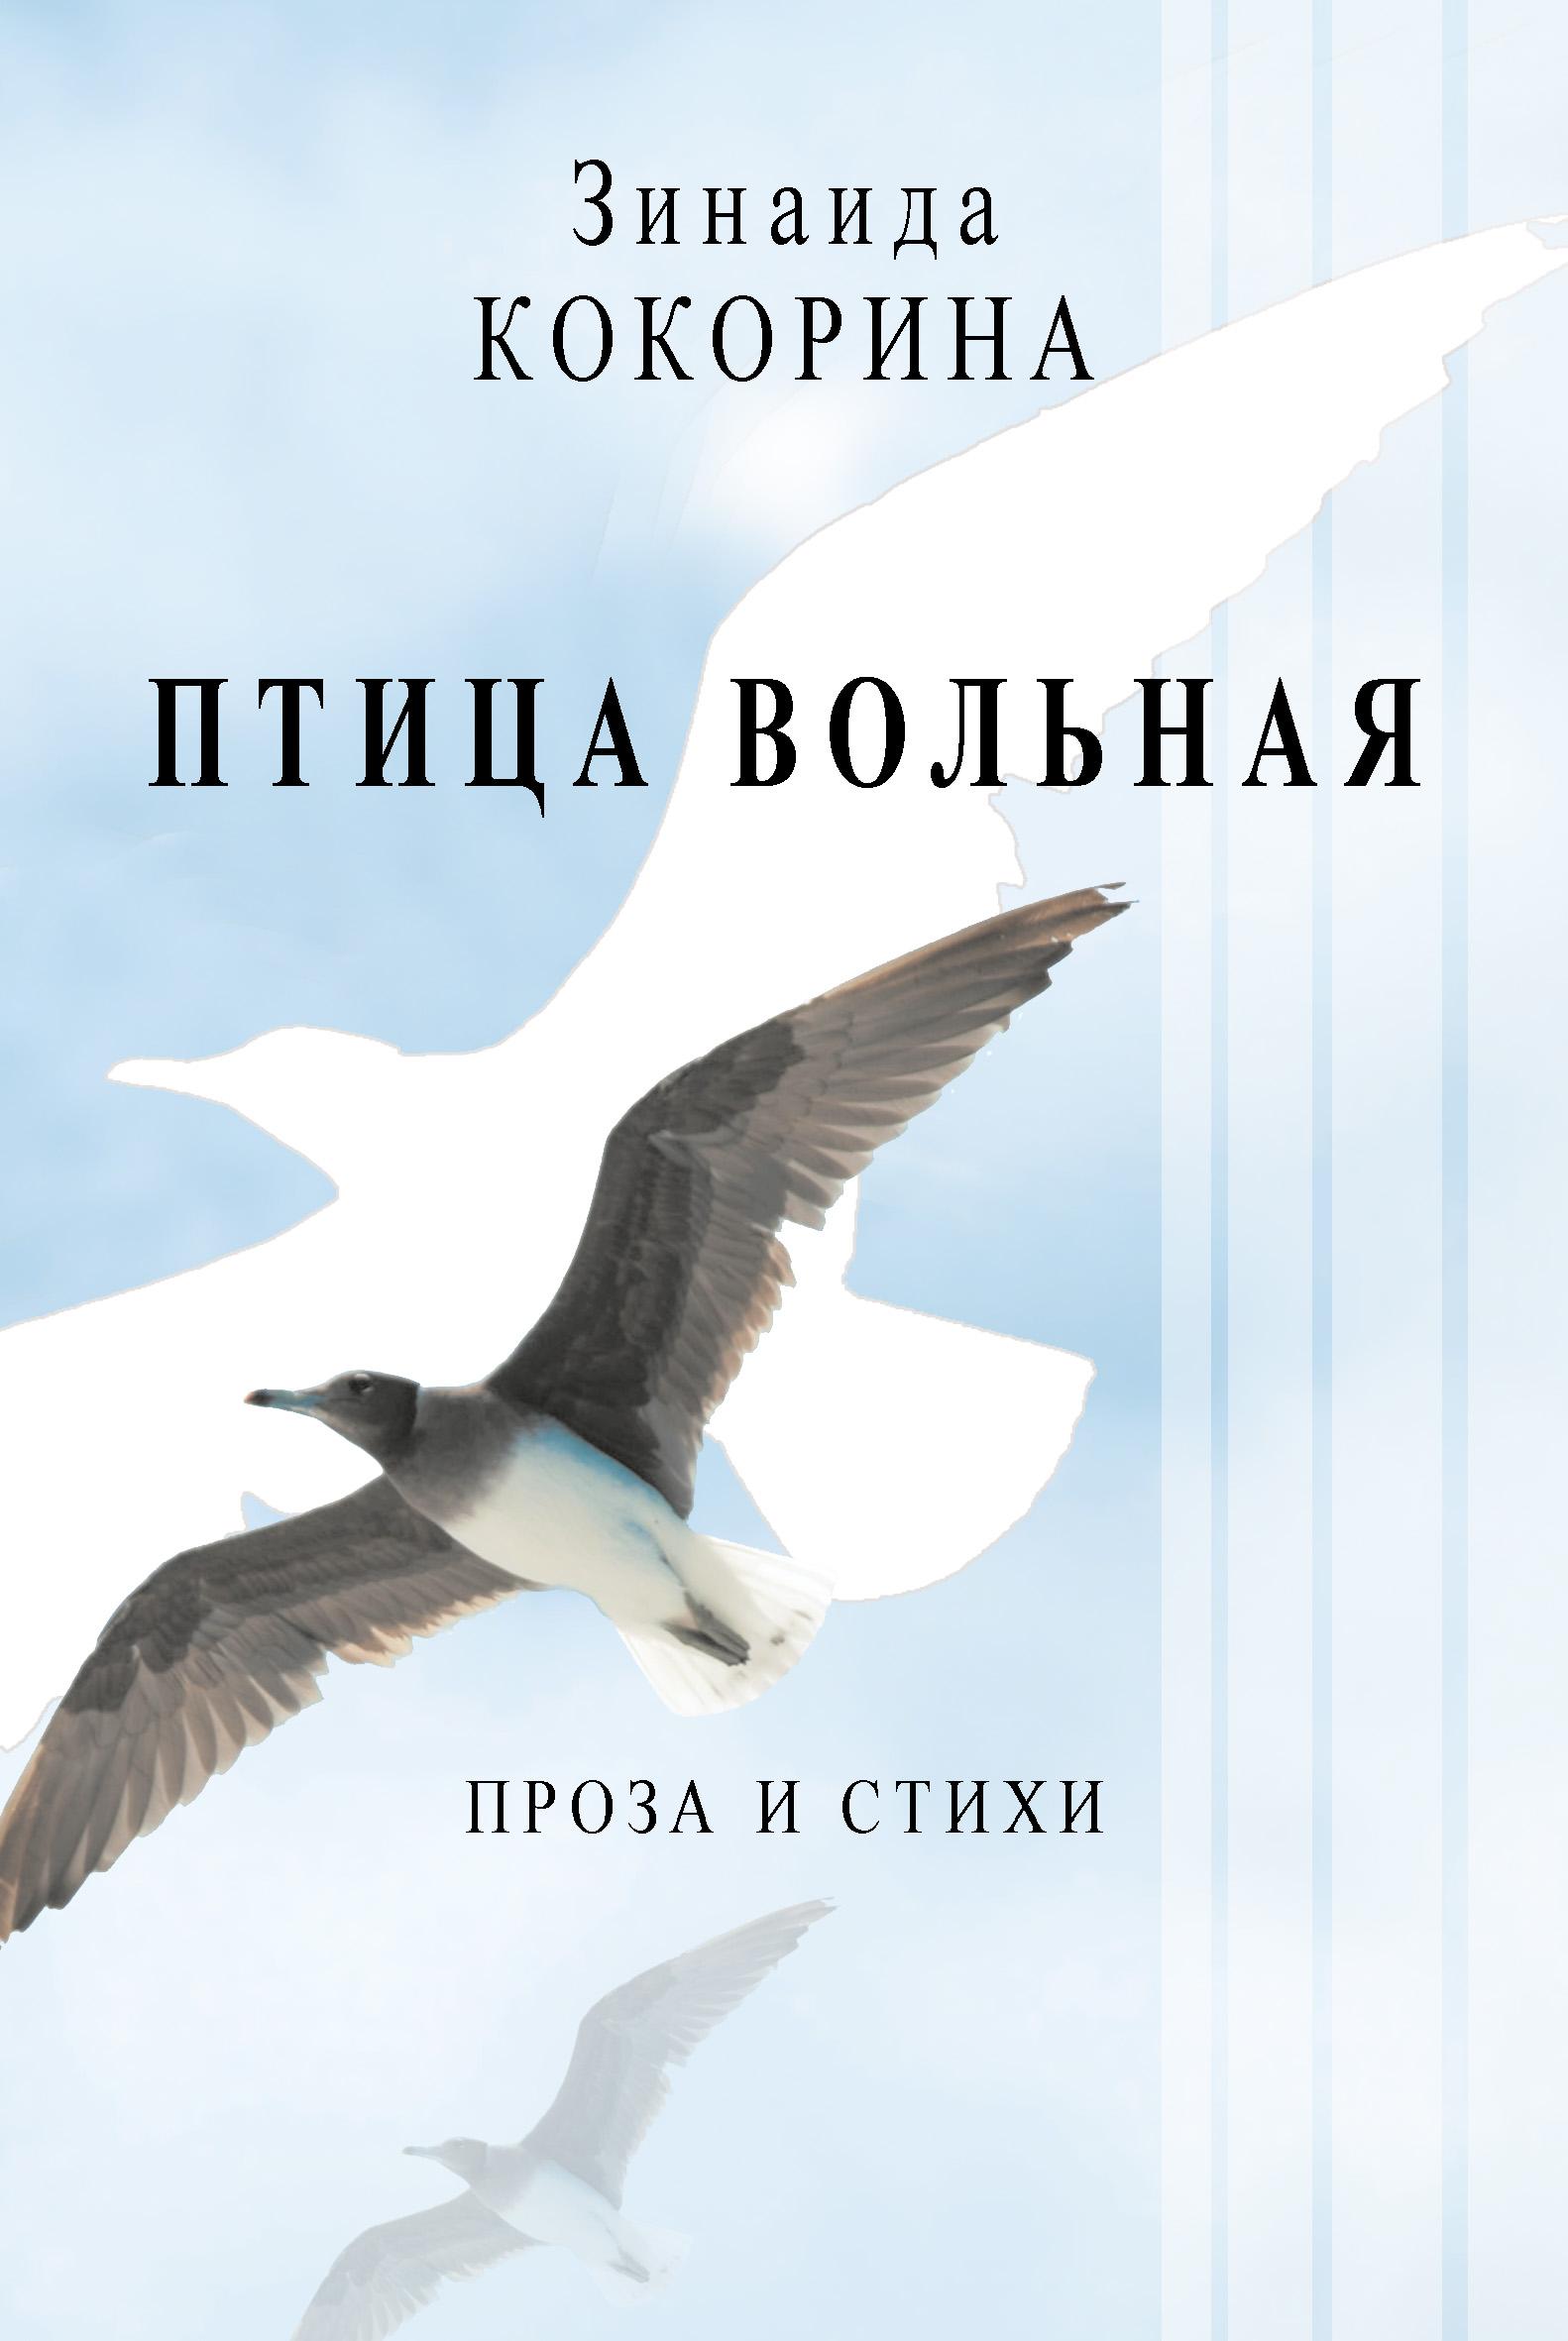 Зинаида Кокорина Птица вольная. Проза и стихи алёна мостовая вольная птица стихи